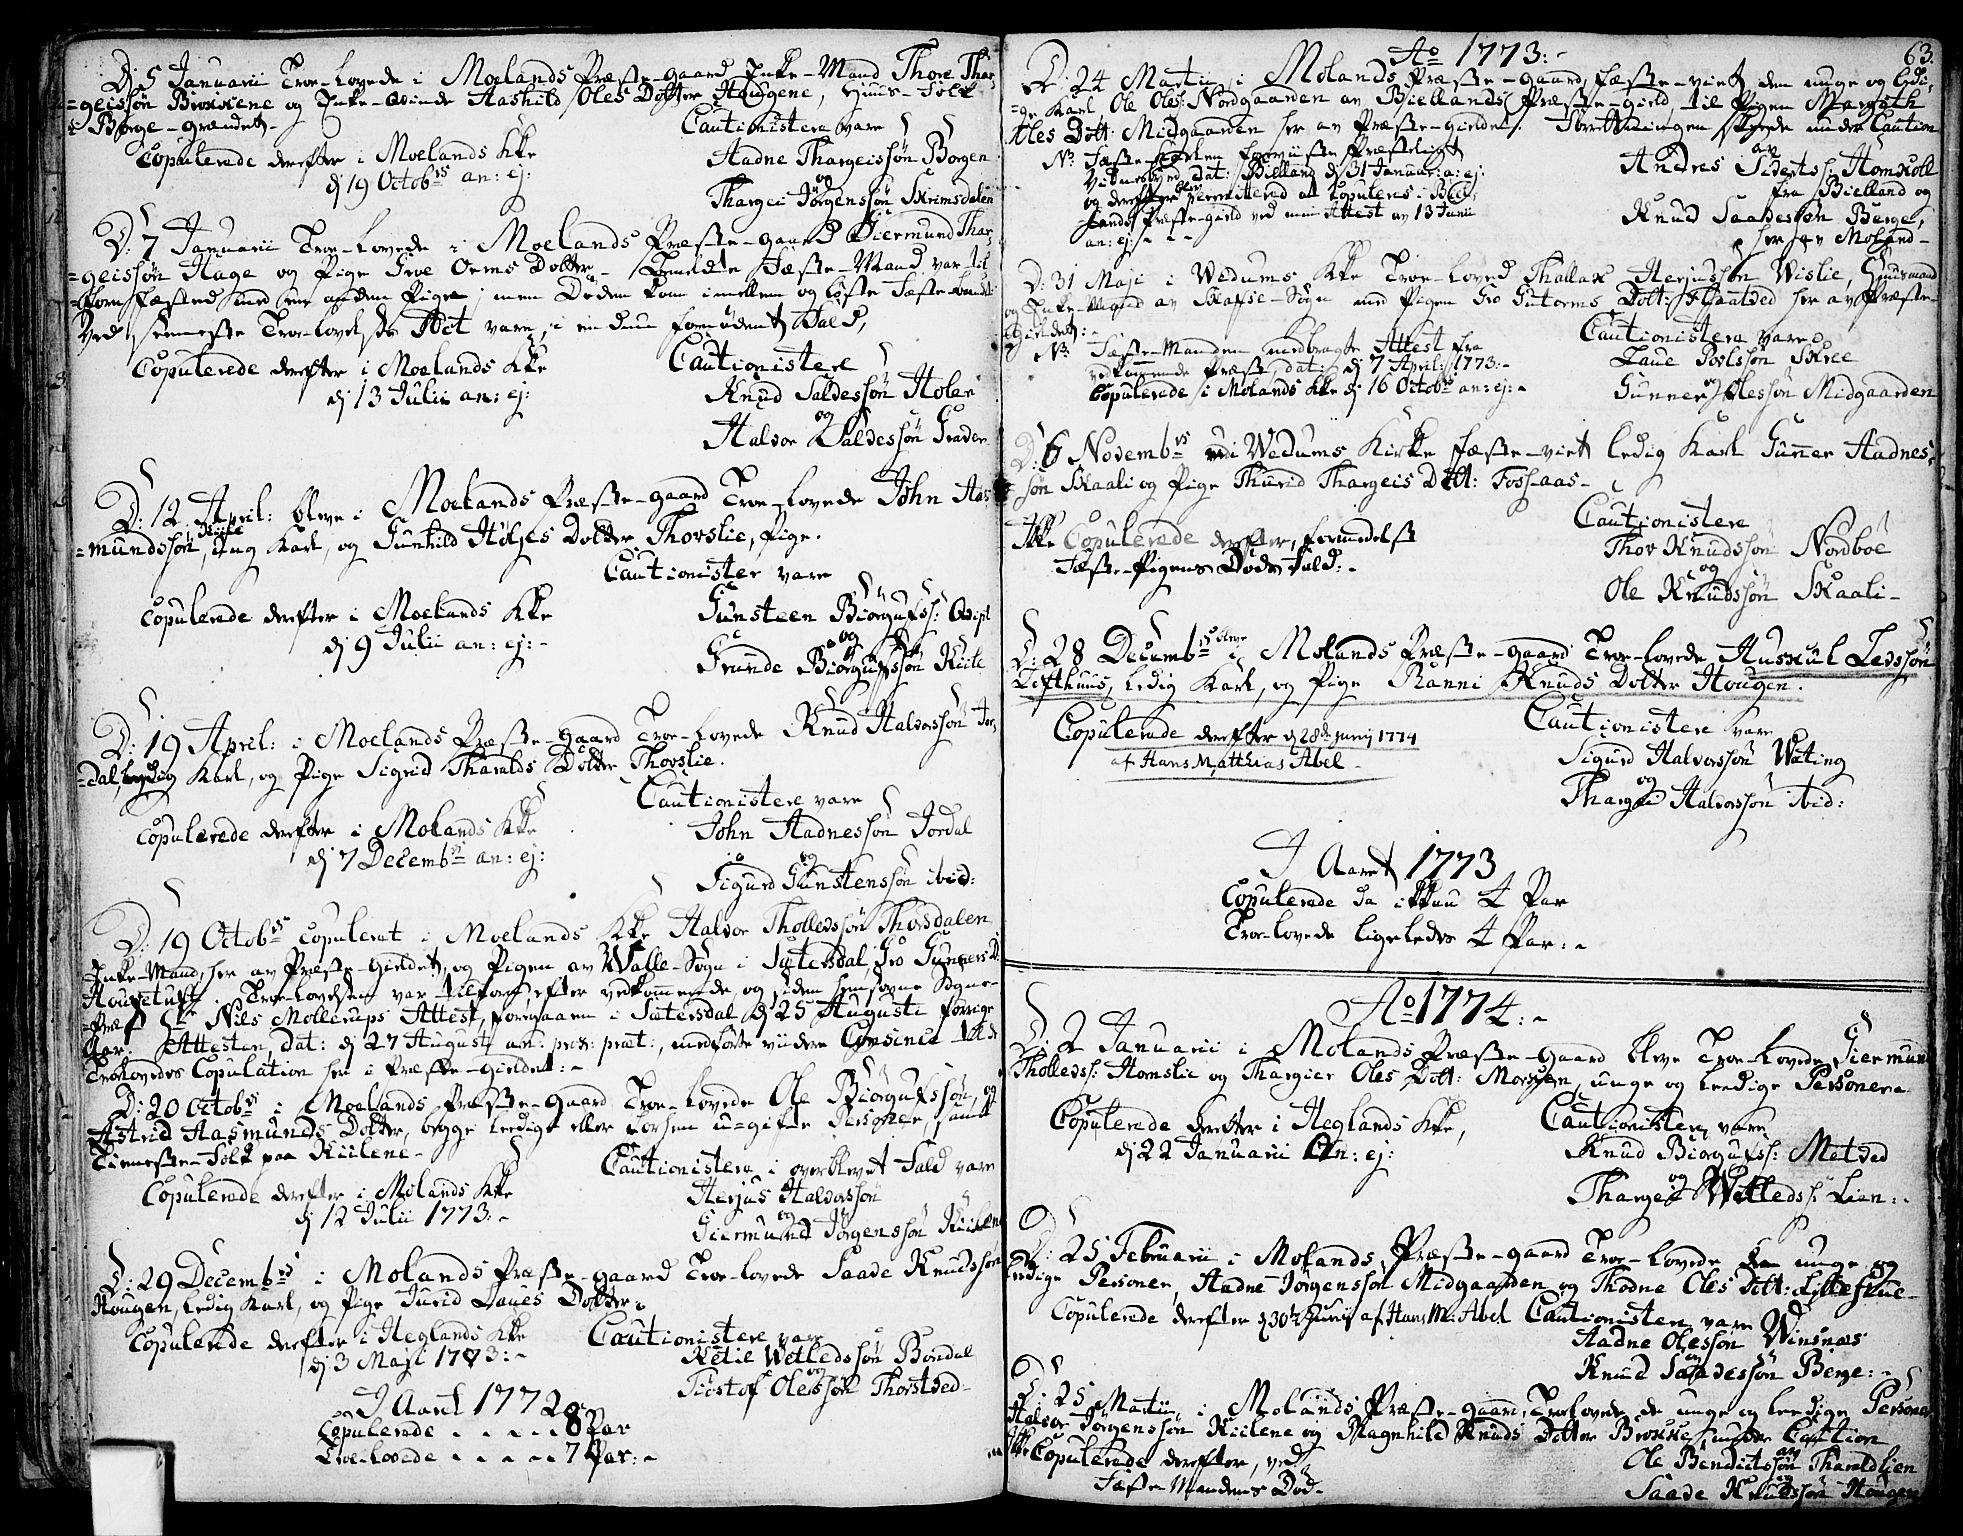 SAKO, Fyresdal kirkebøker, F/Fa/L0002: Ministerialbok nr. I 2, 1769-1814, s. 63